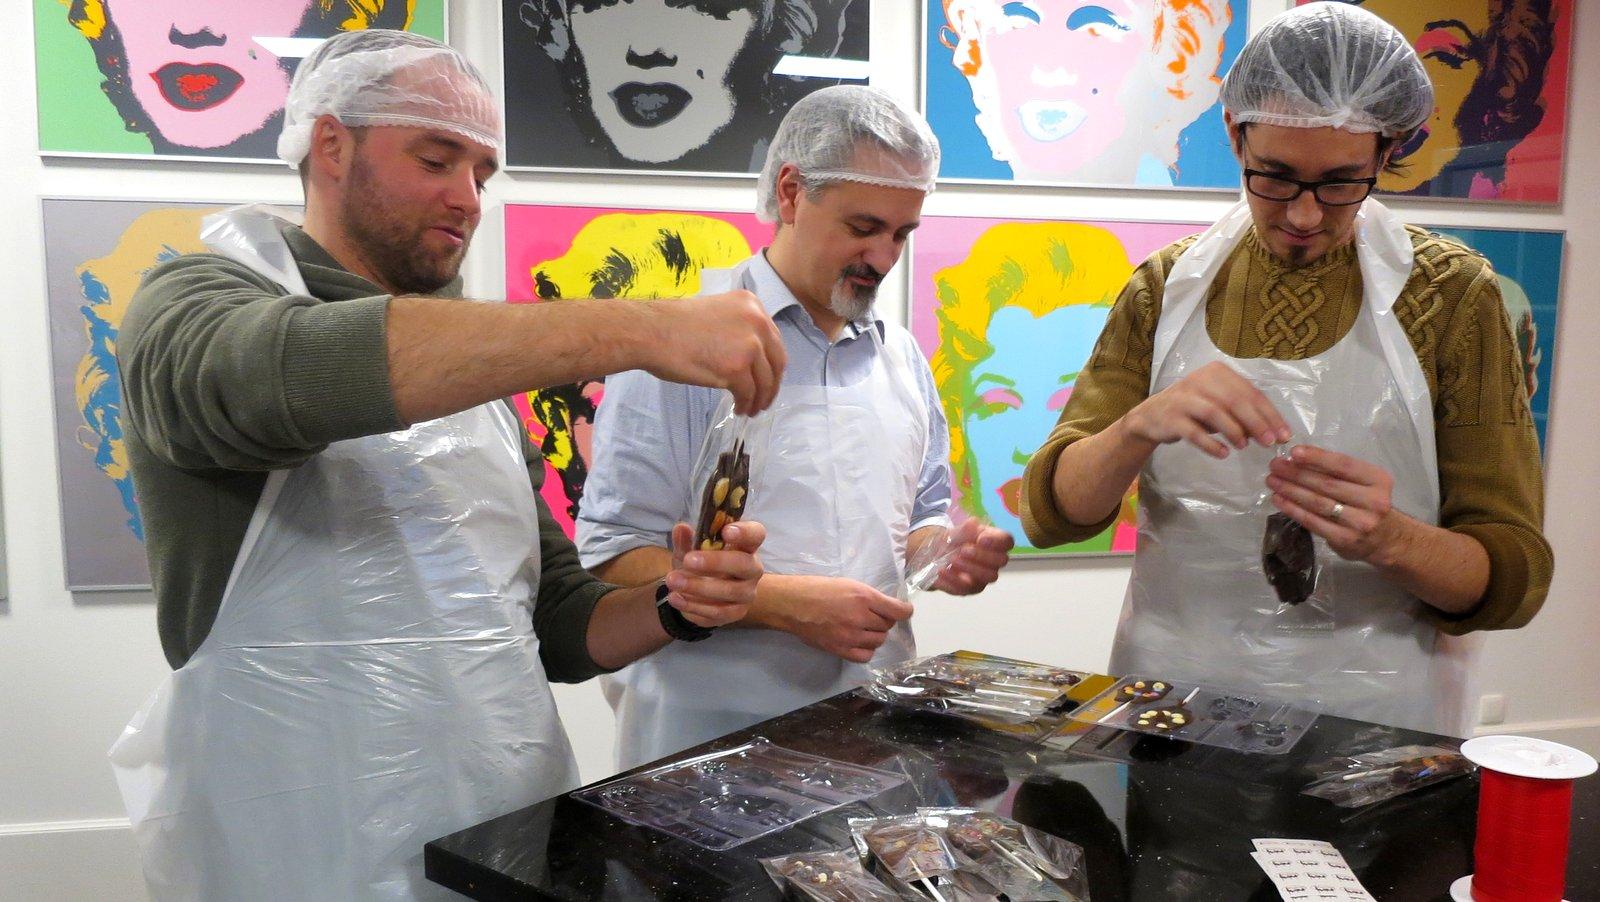 Chocolalicious chocoaldeworkshop